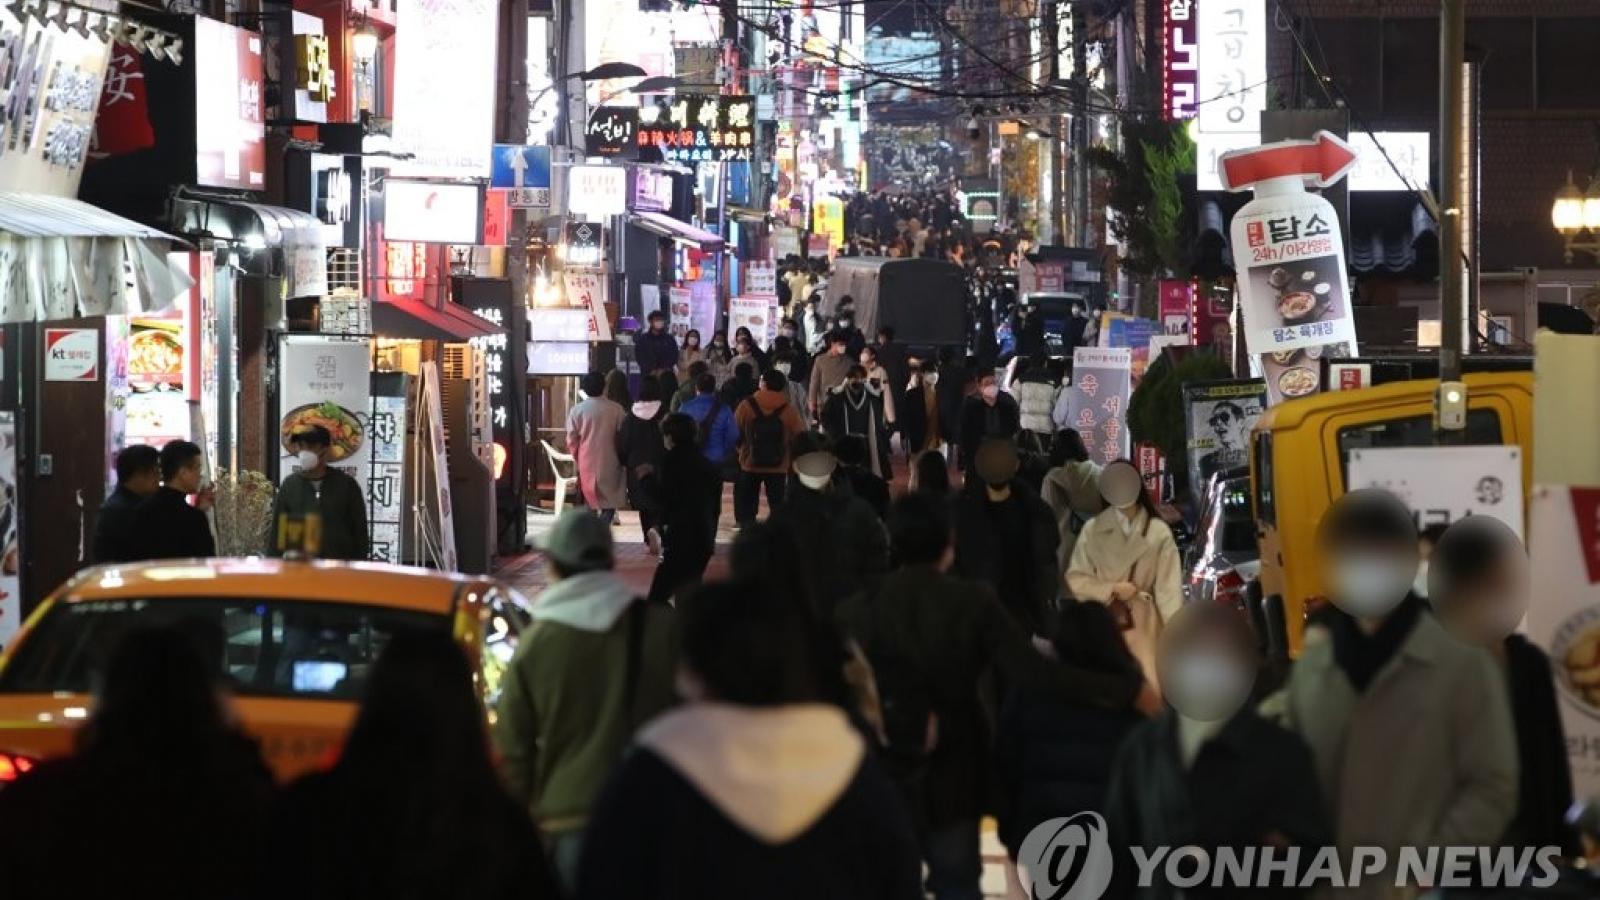 Tình trạng lây nhiễm Covid-19 ở Nhật Bản và Hàn Quốc trở nên nghiêm trọng